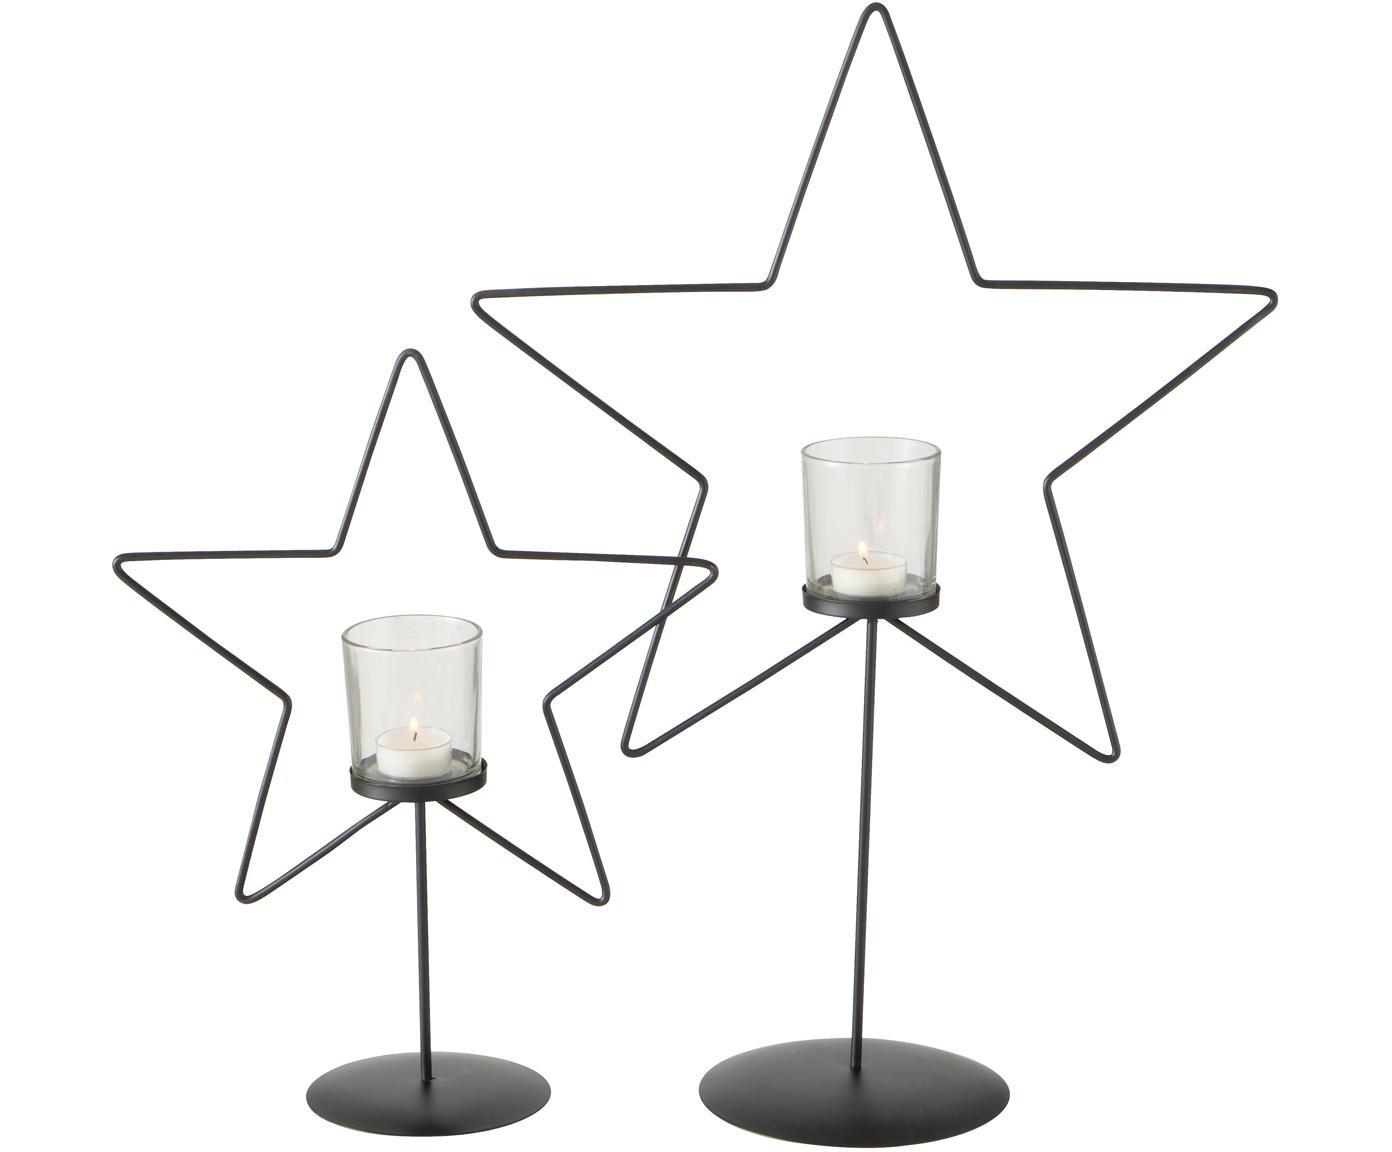 Set portacandele Pina 2 pz, Struttura: metallo rivestito, Portacandela: vetro, Nero, trasparente, Diverse dimensioni